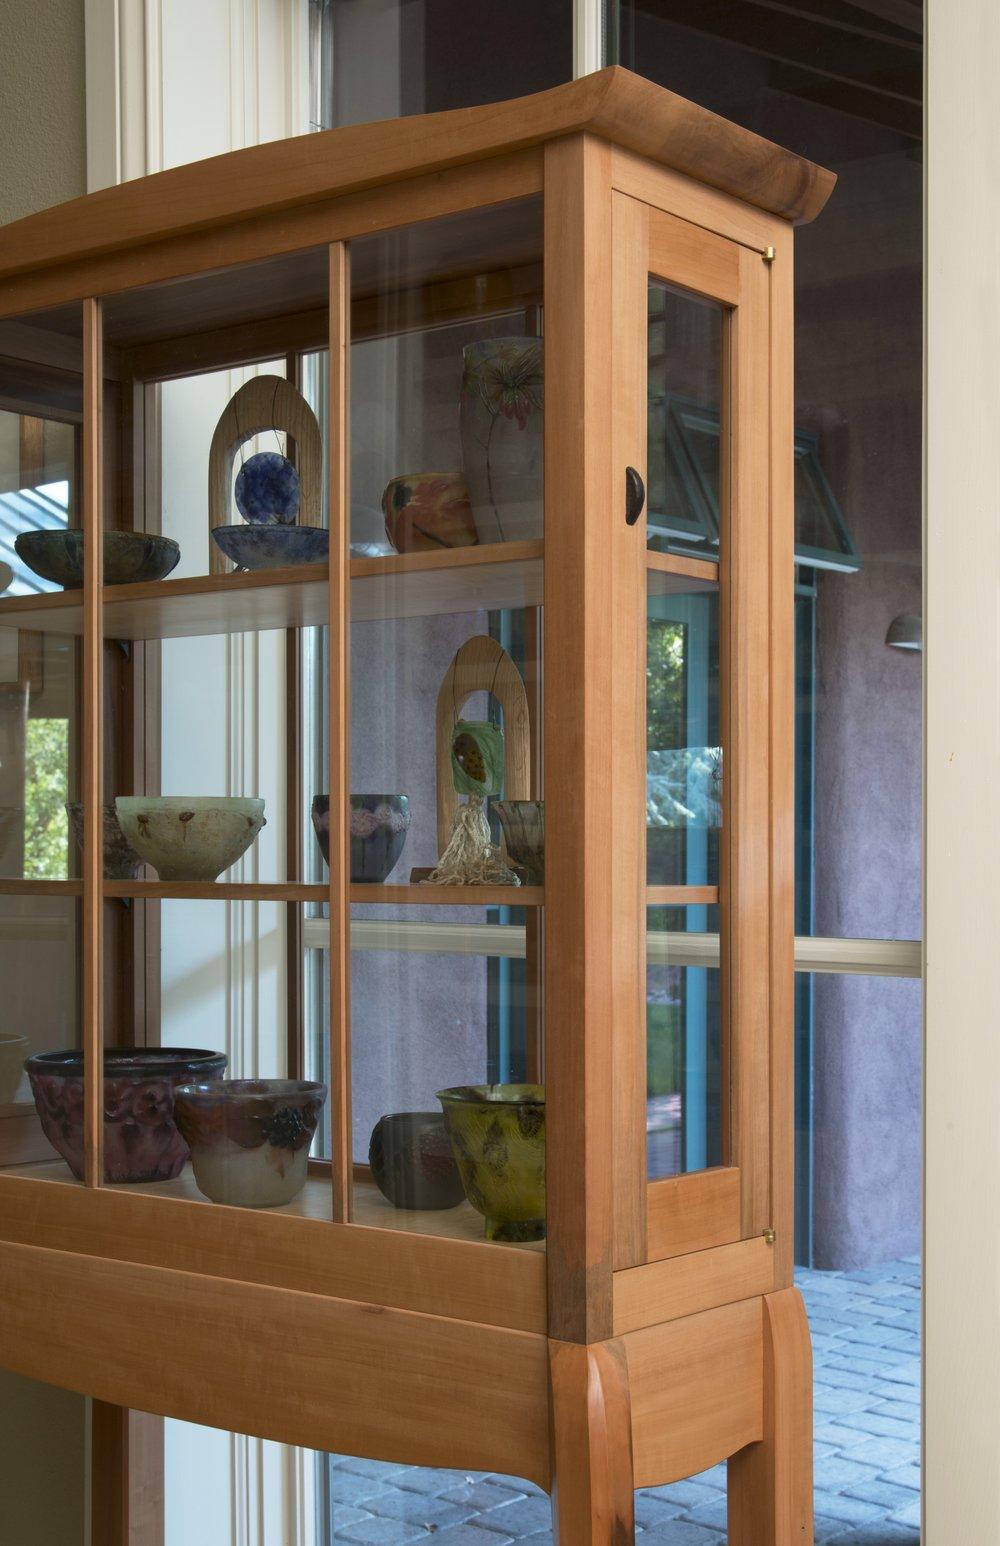 vitrine door detail.jpg